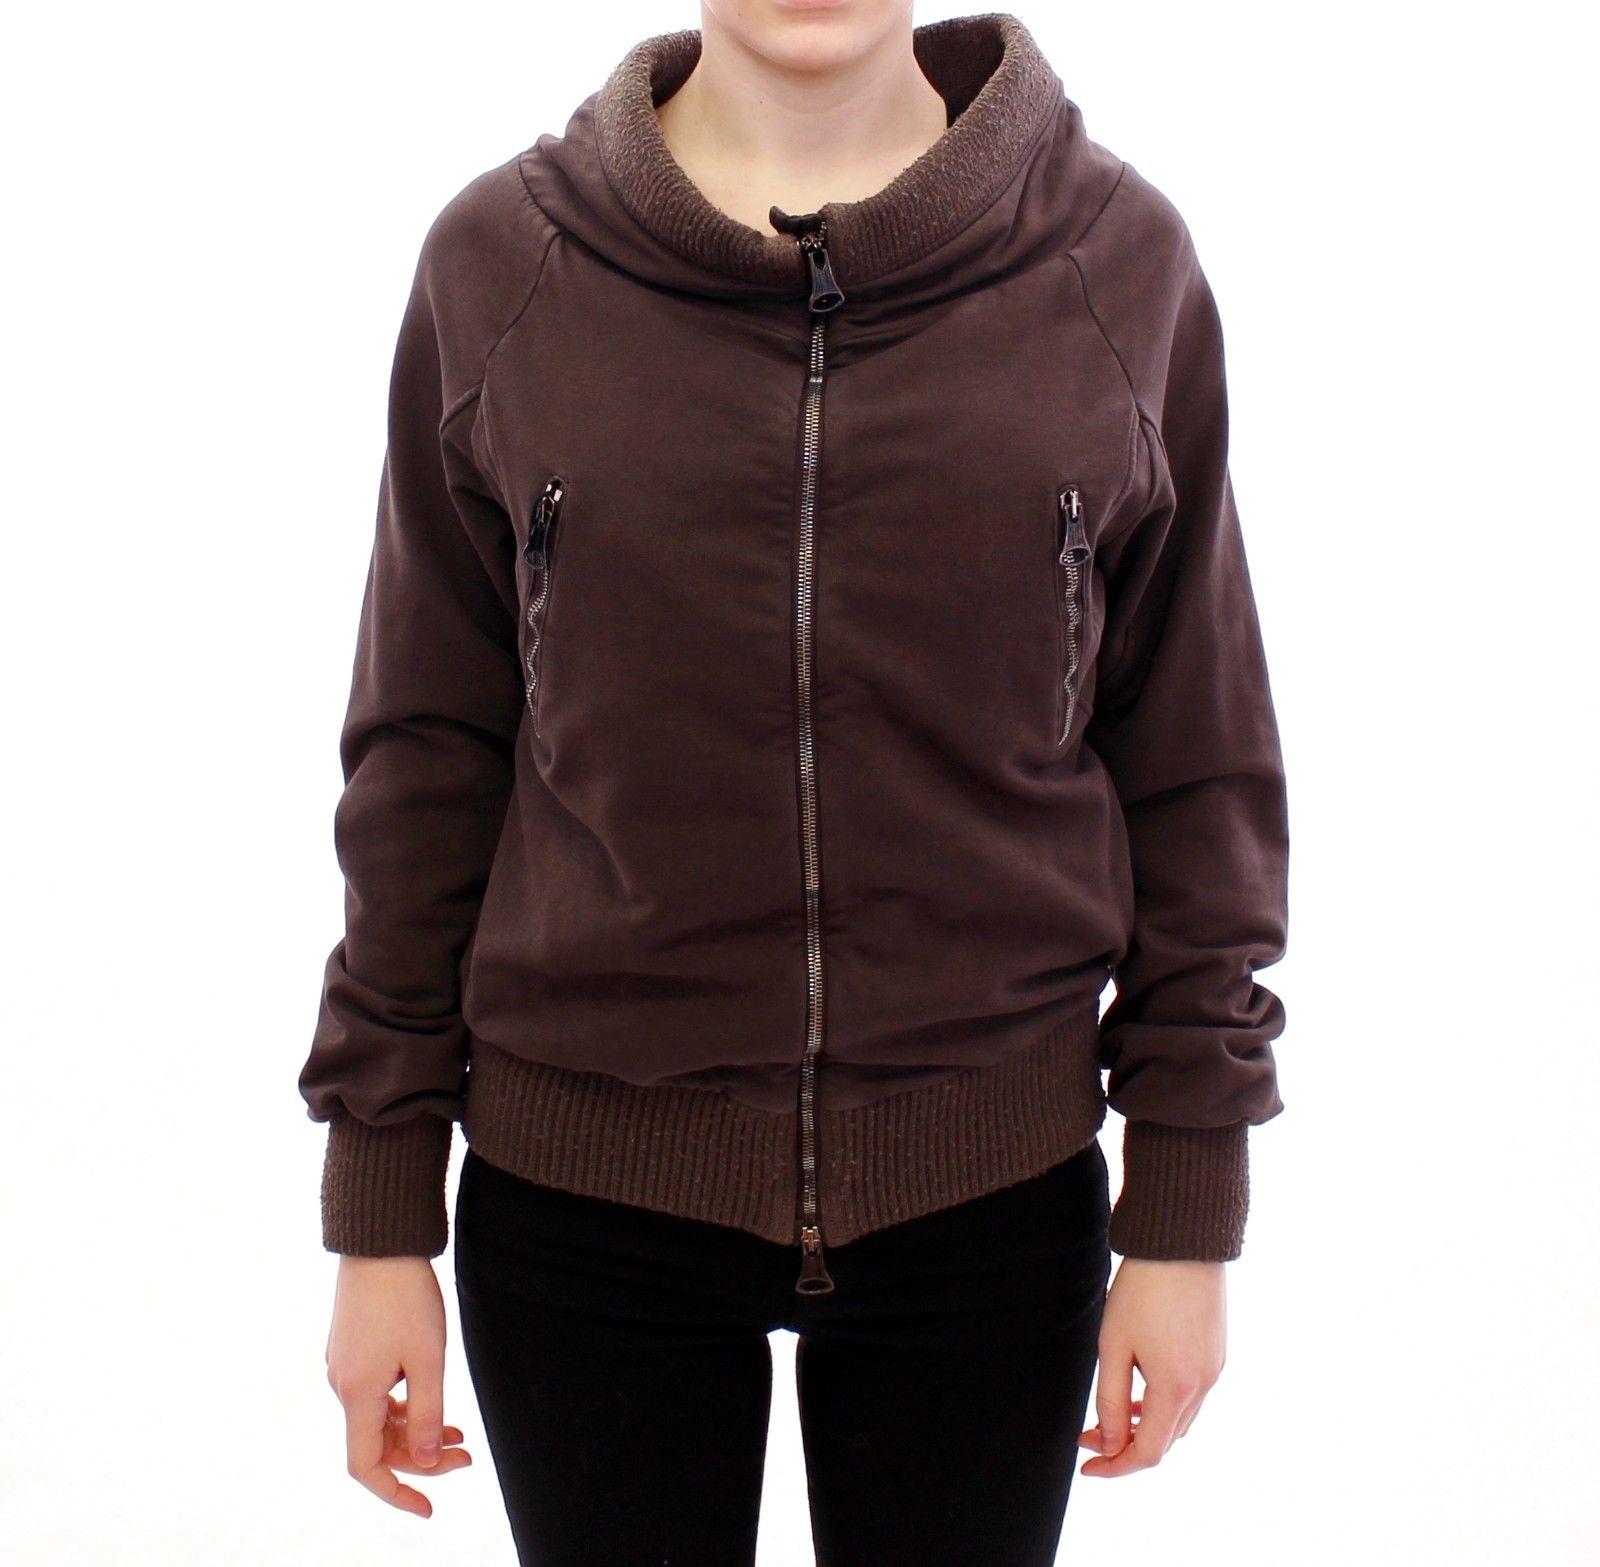 Ermanno Scervino Women's Full Zip Jacket Brown GSD10001 - IT42 | S